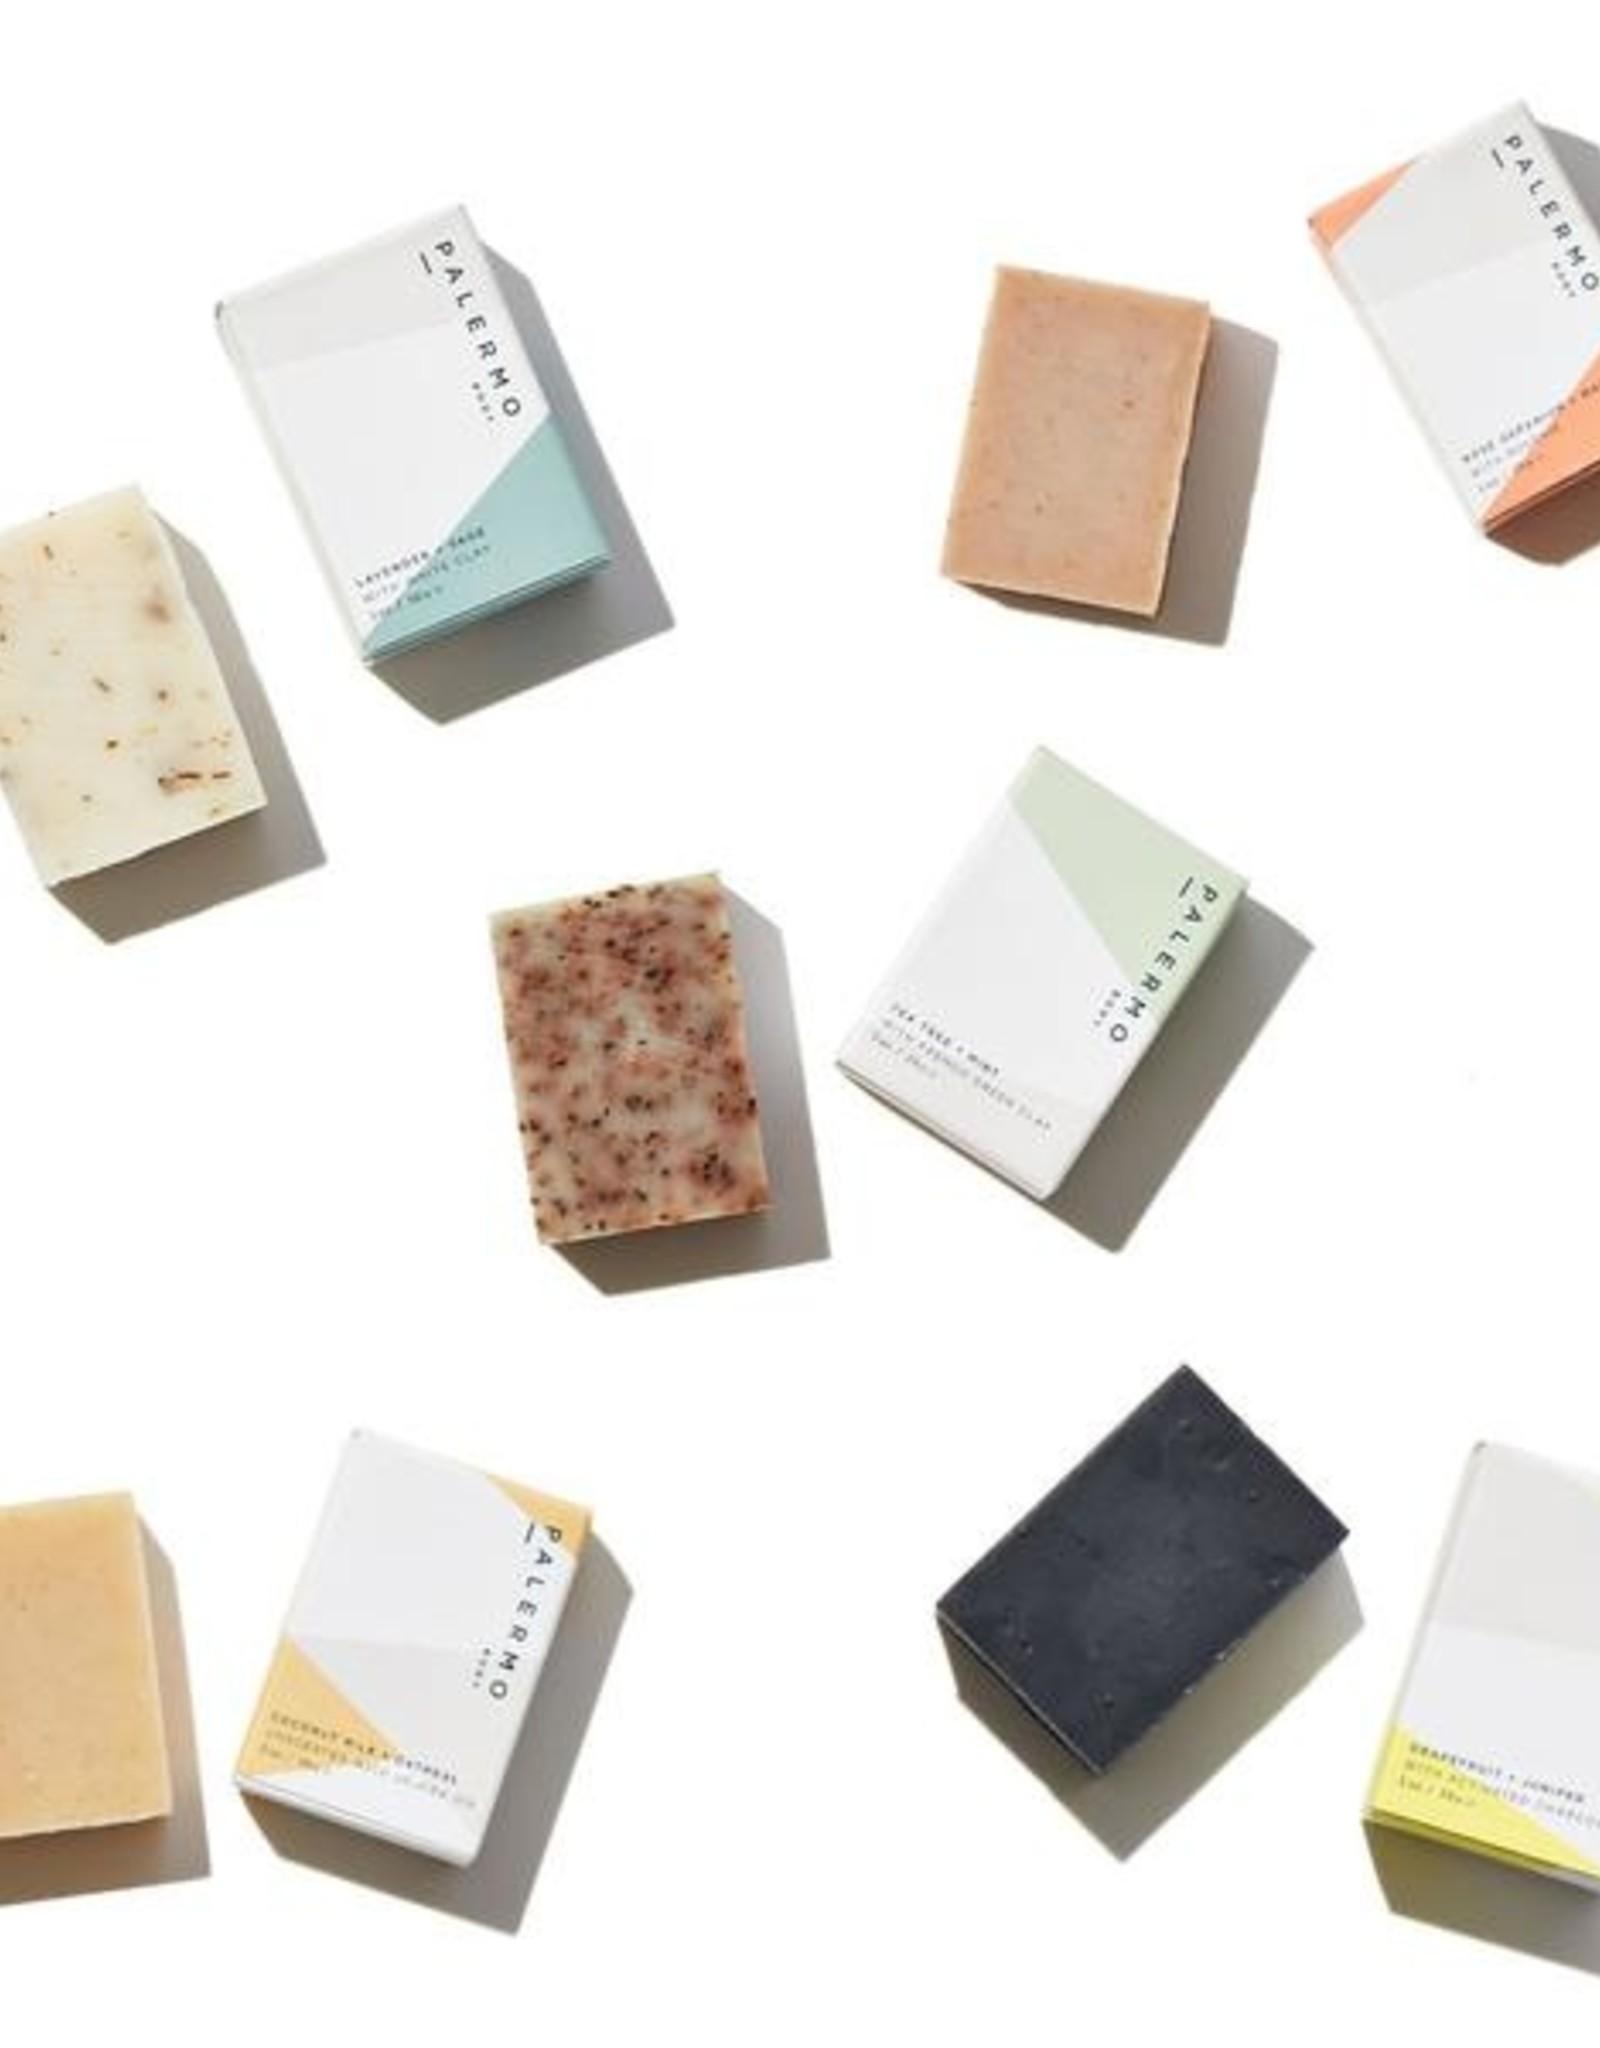 Palermo Body Facial Soap